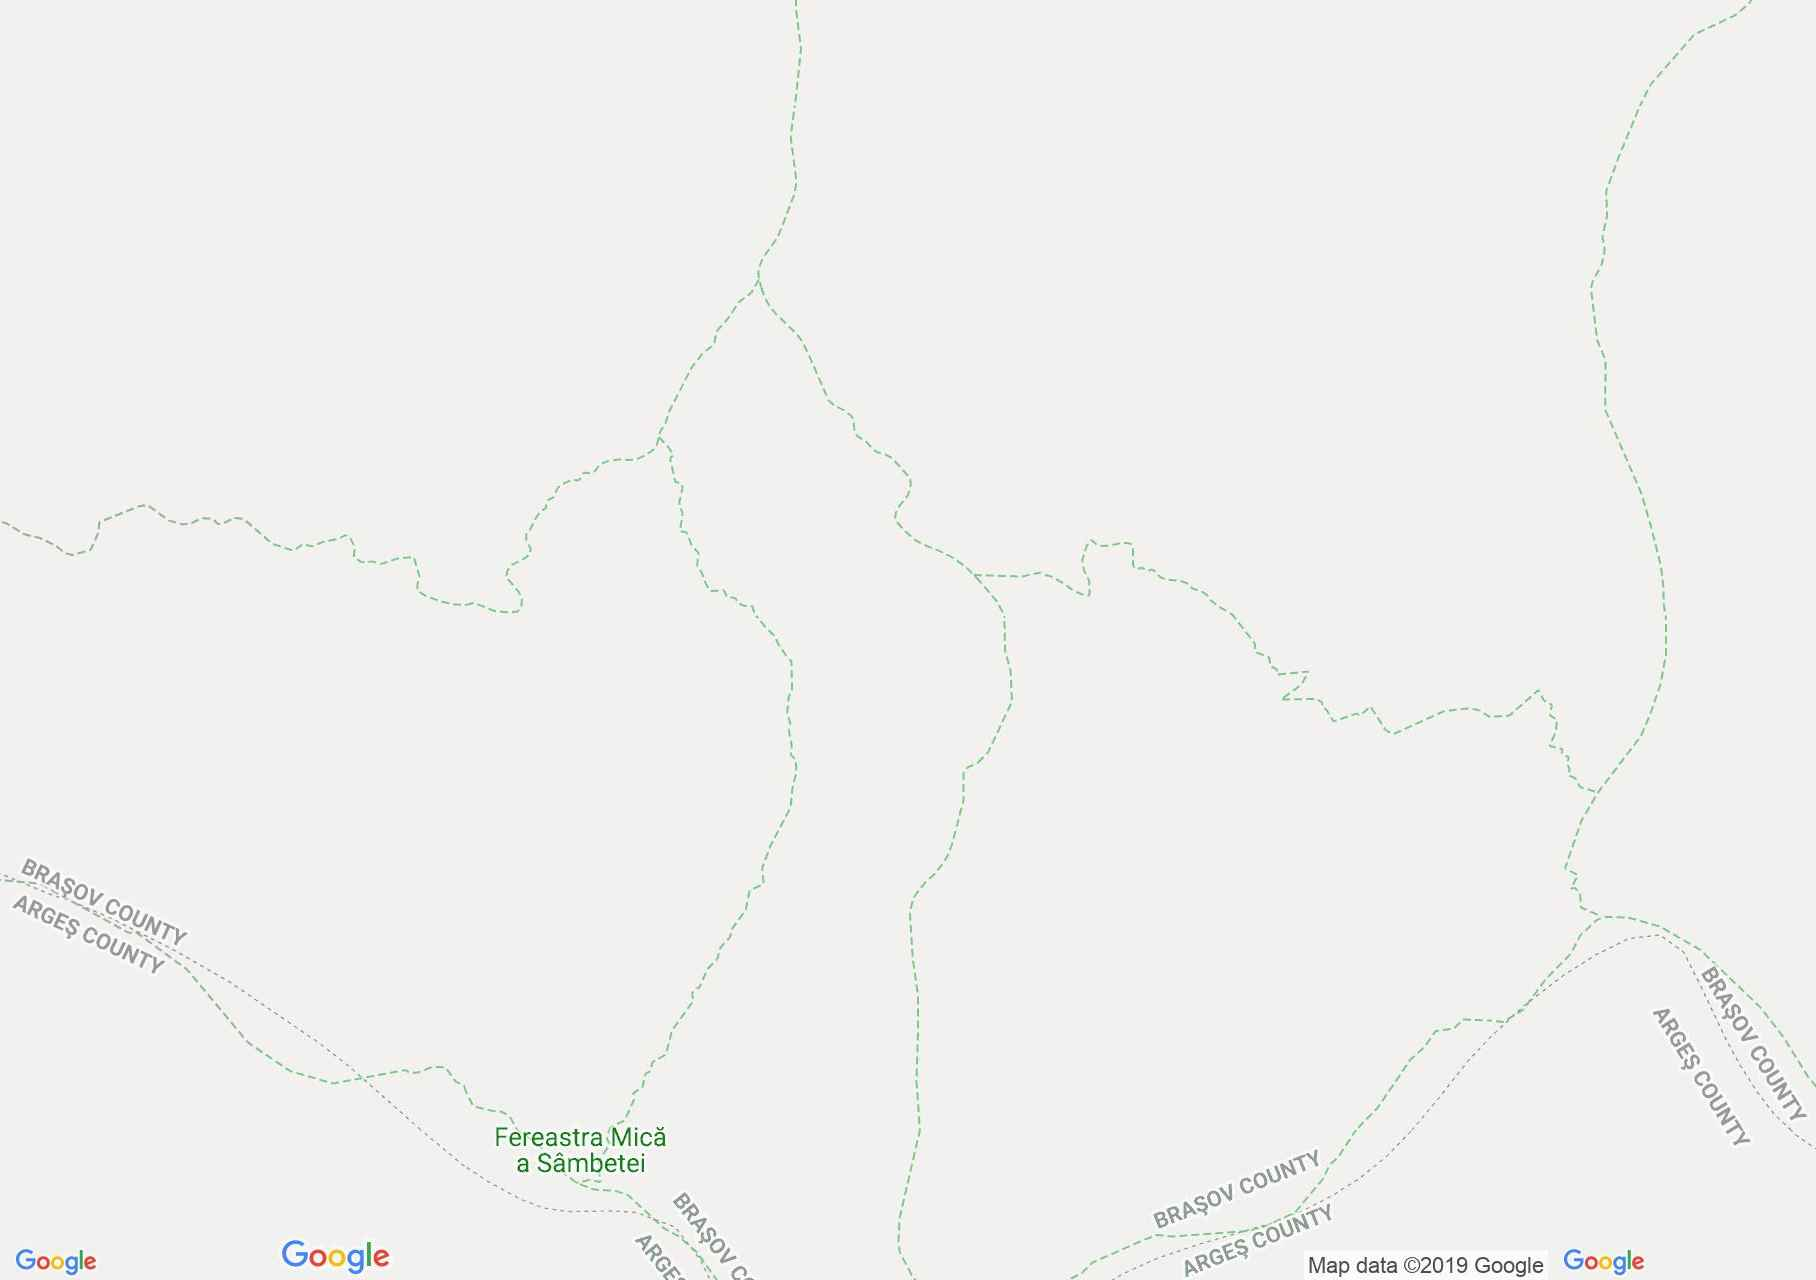 Hartă Munţii Făgăraş: Cabana Vales Sâmbetei - Fereastra Mare